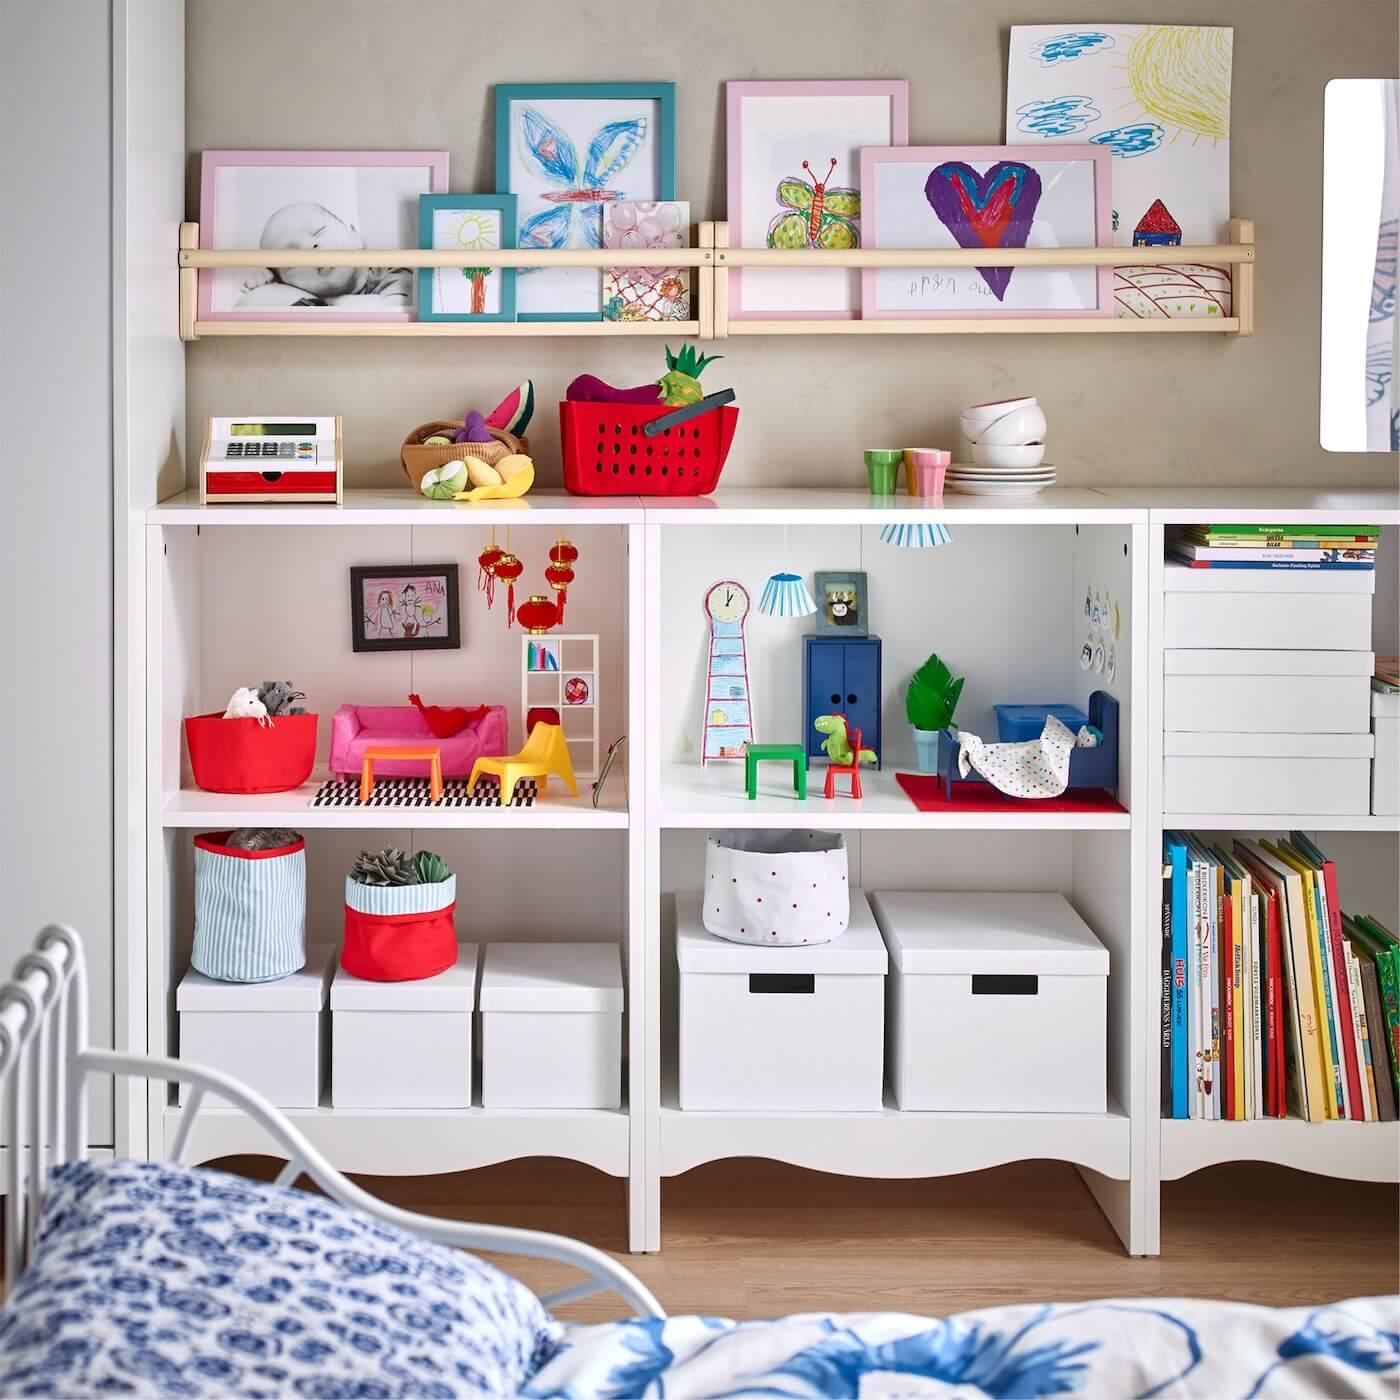 Muebles Ikea que fomentan la creatividad